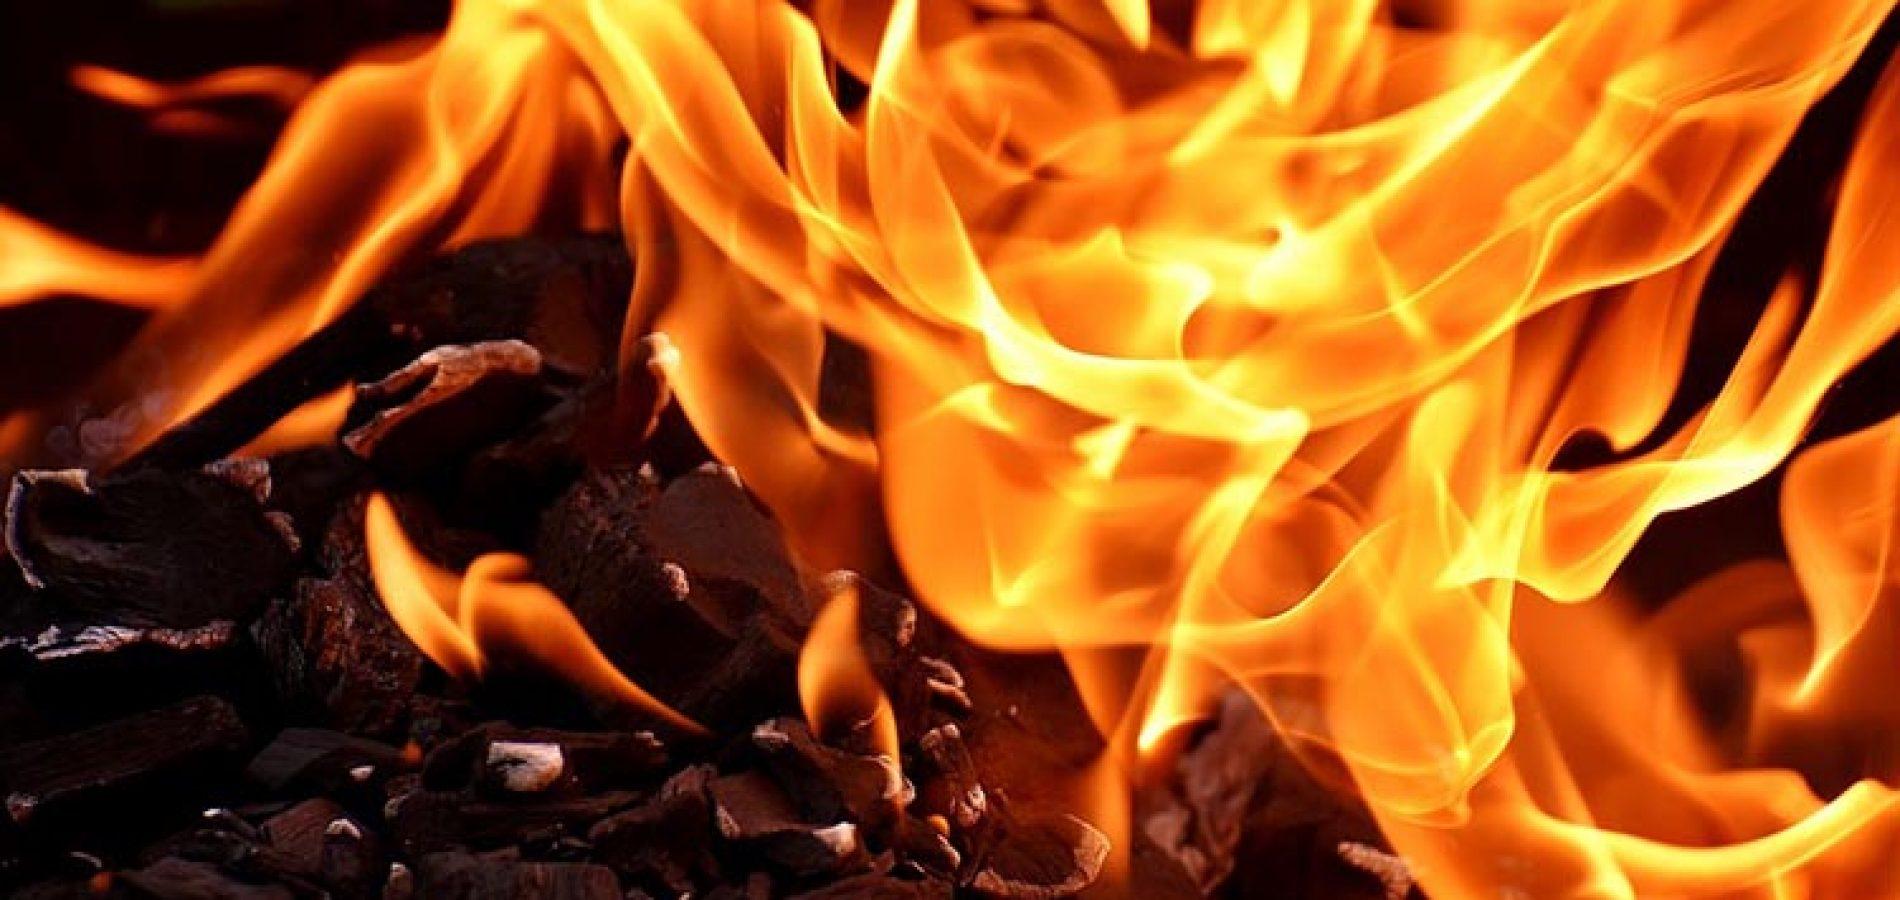 HUT alerta sobre risco de queimaduras nas festas juninas